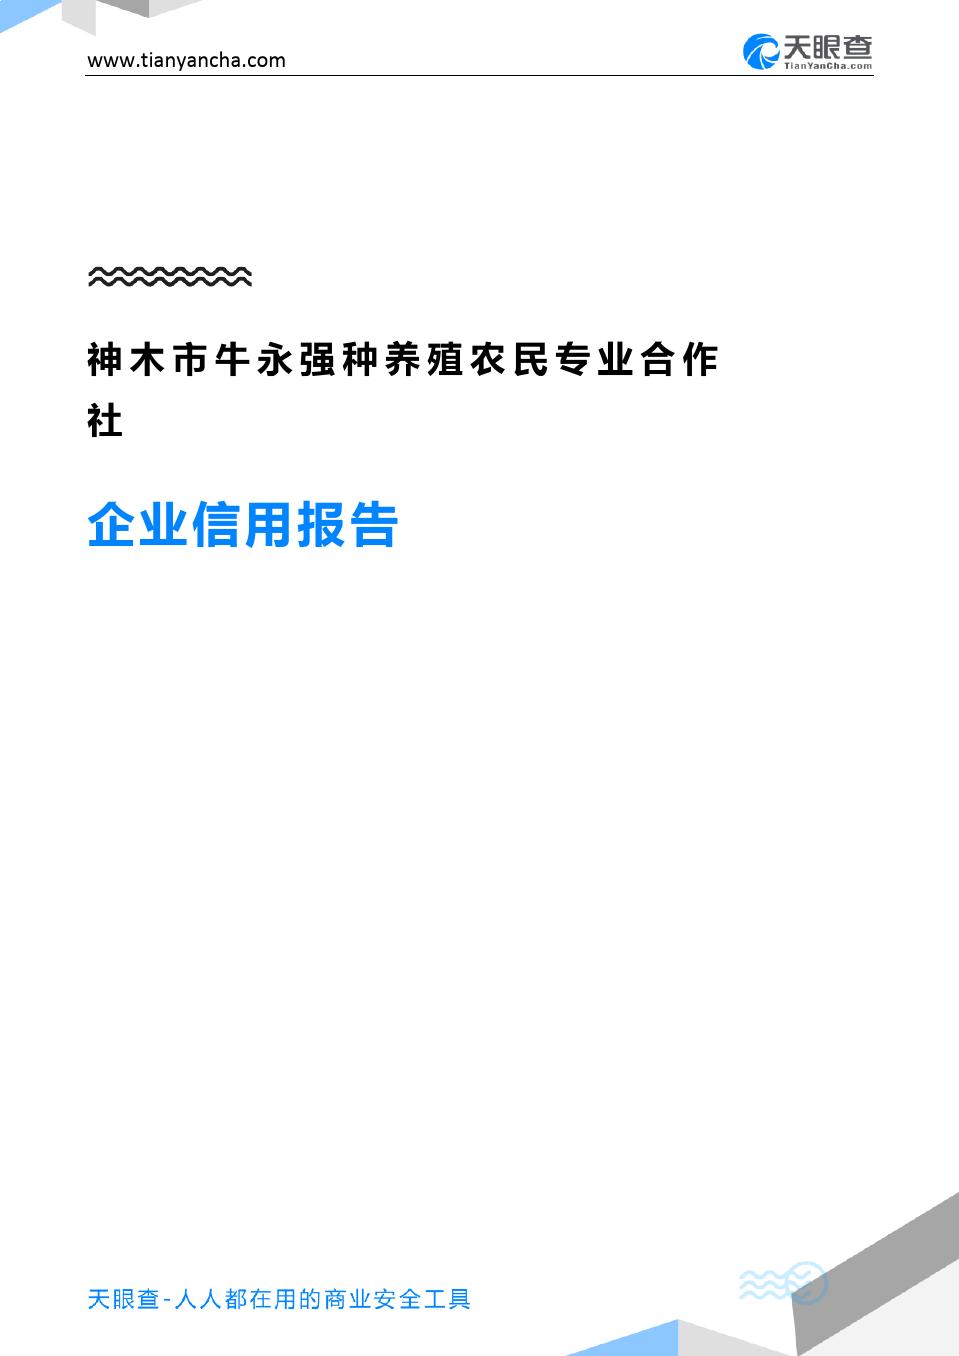 神木市牛永强种养殖农民专业合作社(企业信用报告)- 天眼查